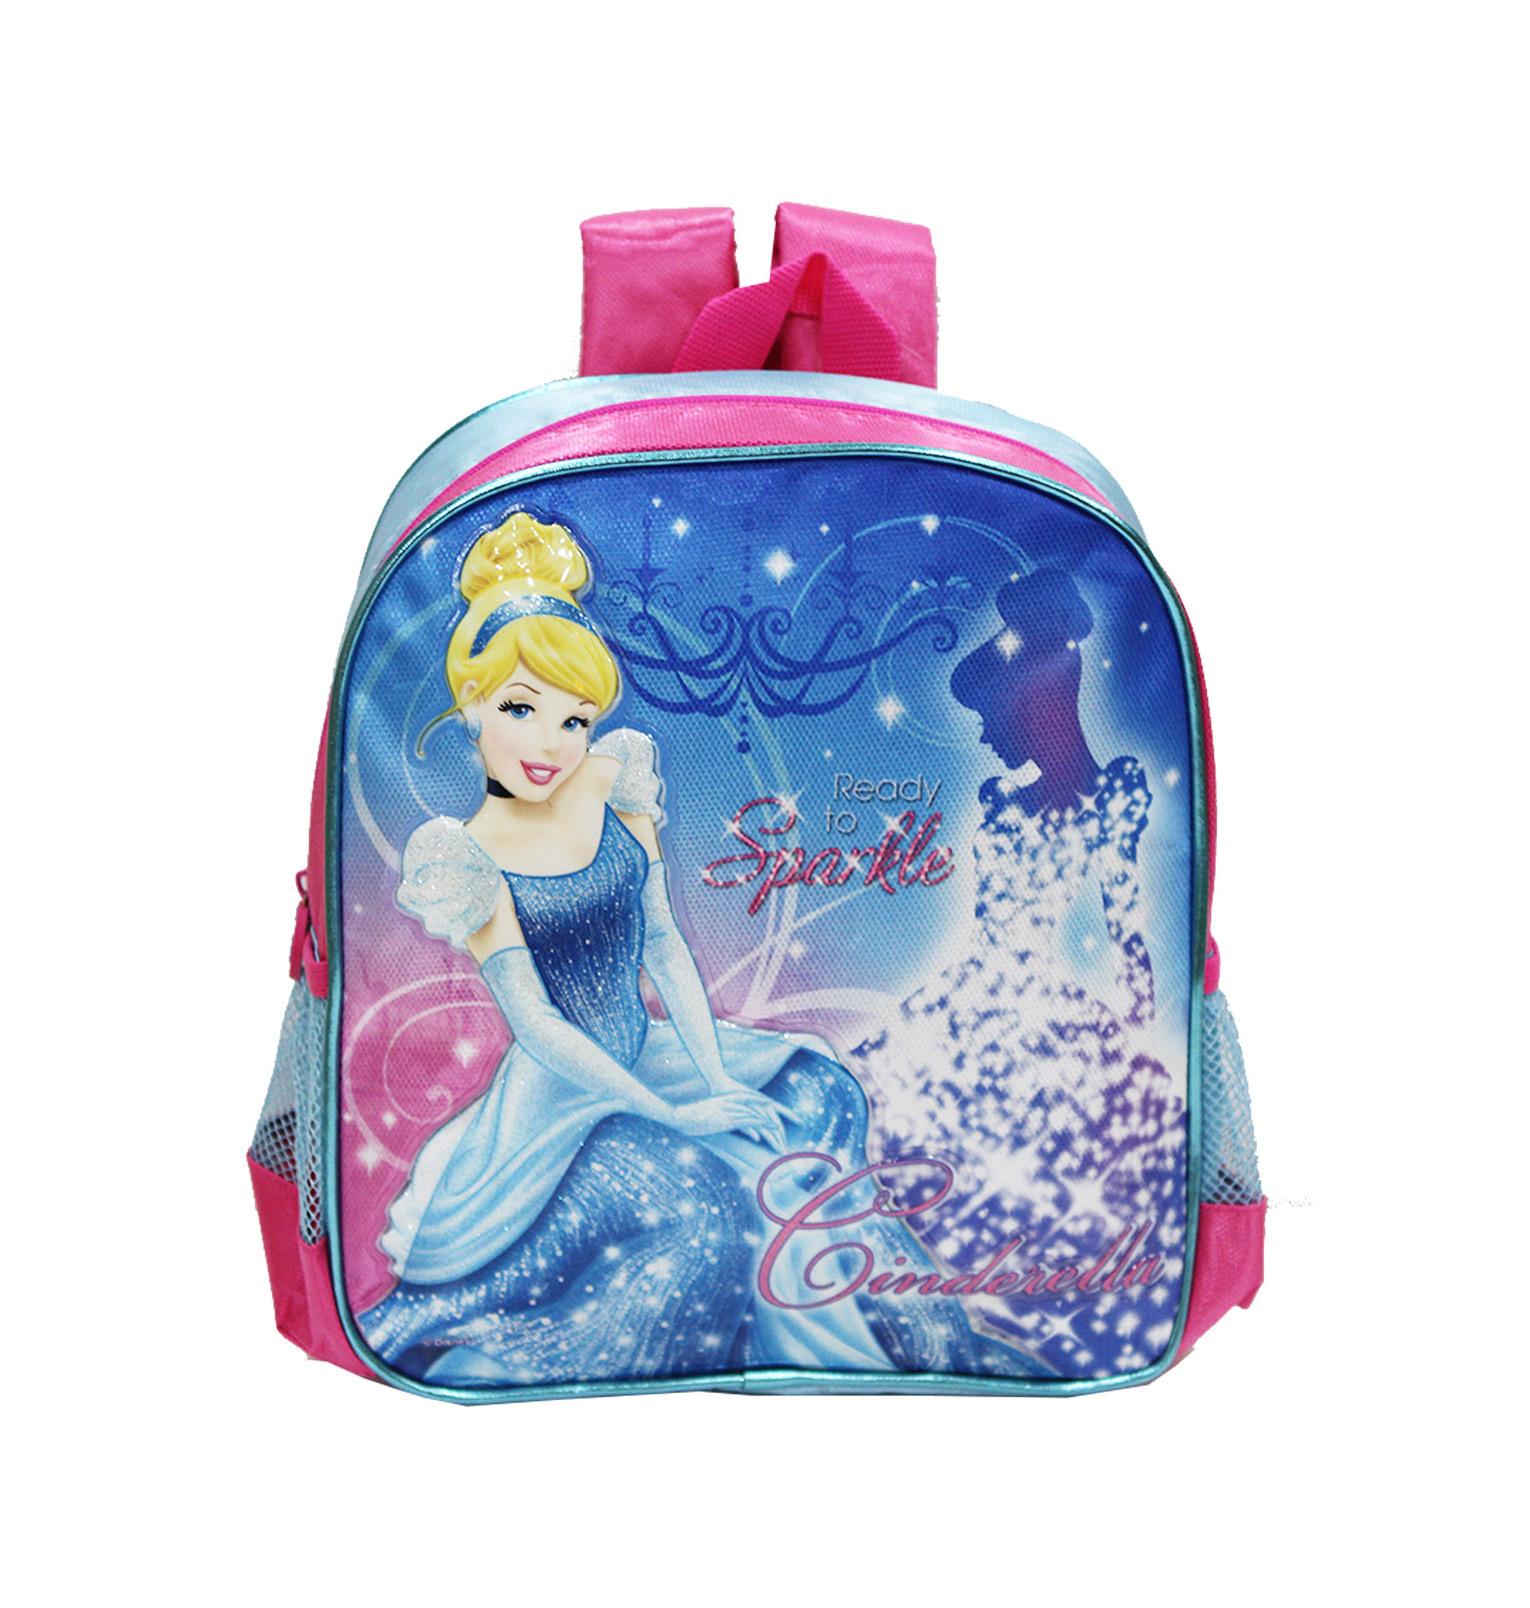 Disney Frozen Original Tas Ransel Anak Sekolah Tk Fz 924057 Dan Set Alat Tulis Pink. Source · Jual Disney CINDERELLA ORIGINAL TAS RANSEL ANAK TK .